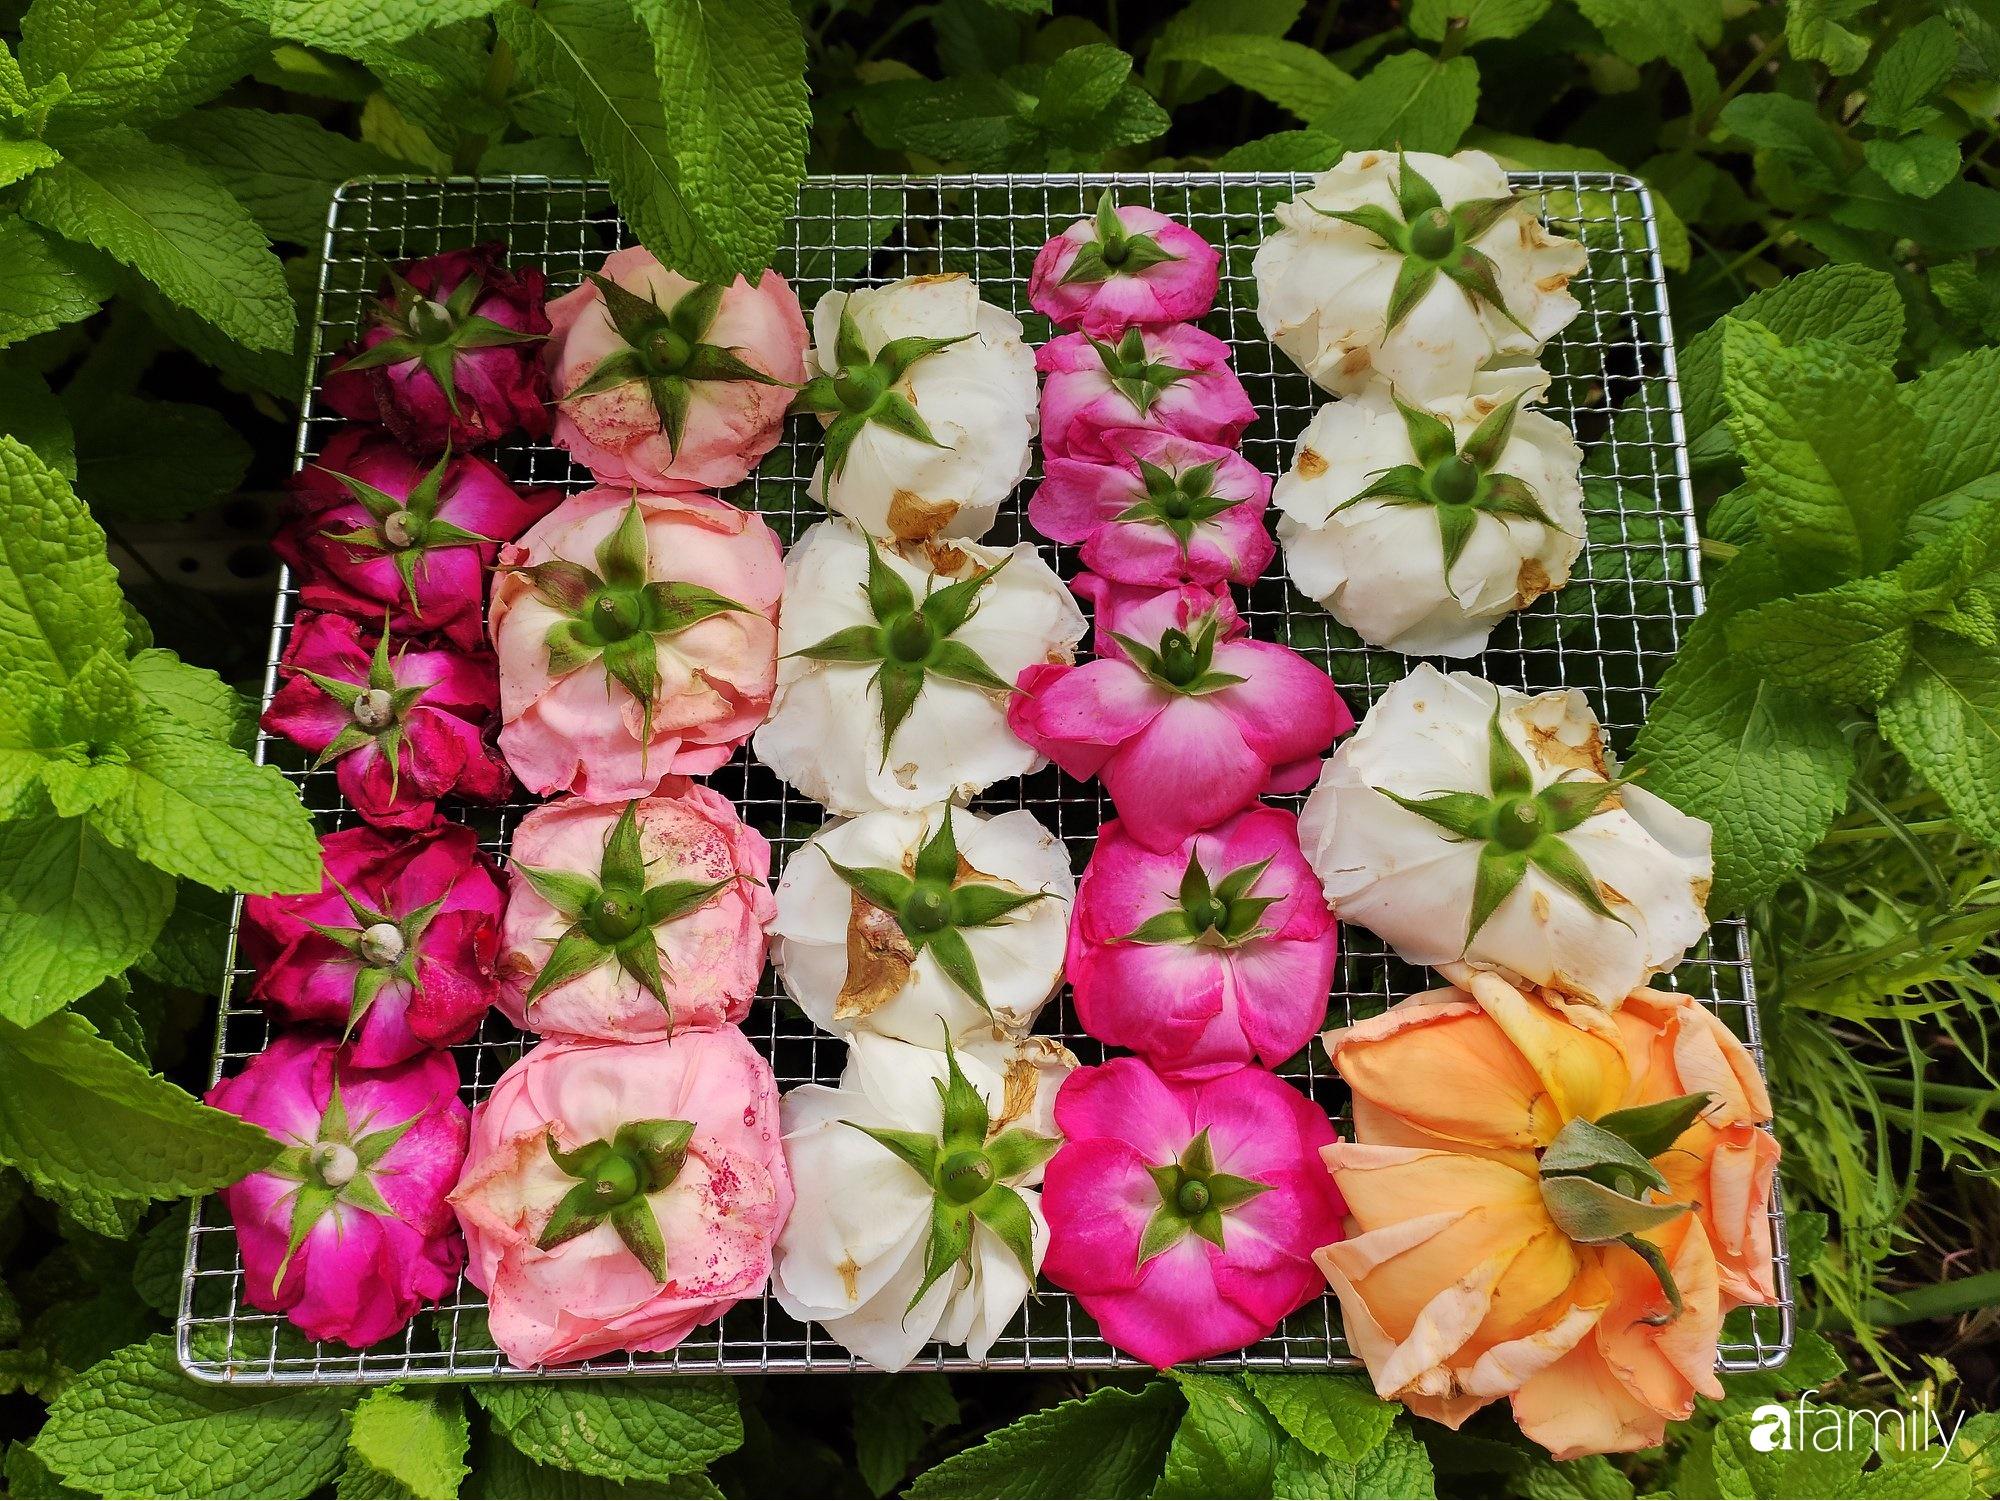 """Cô gái Việt ở Nhật hướng dẫn cách trồng cây, giâm cành """"kiểu con nhà nghèo"""" cho những người thuê trọ hay sống ở nhà phố chật hẹp - Ảnh 8."""